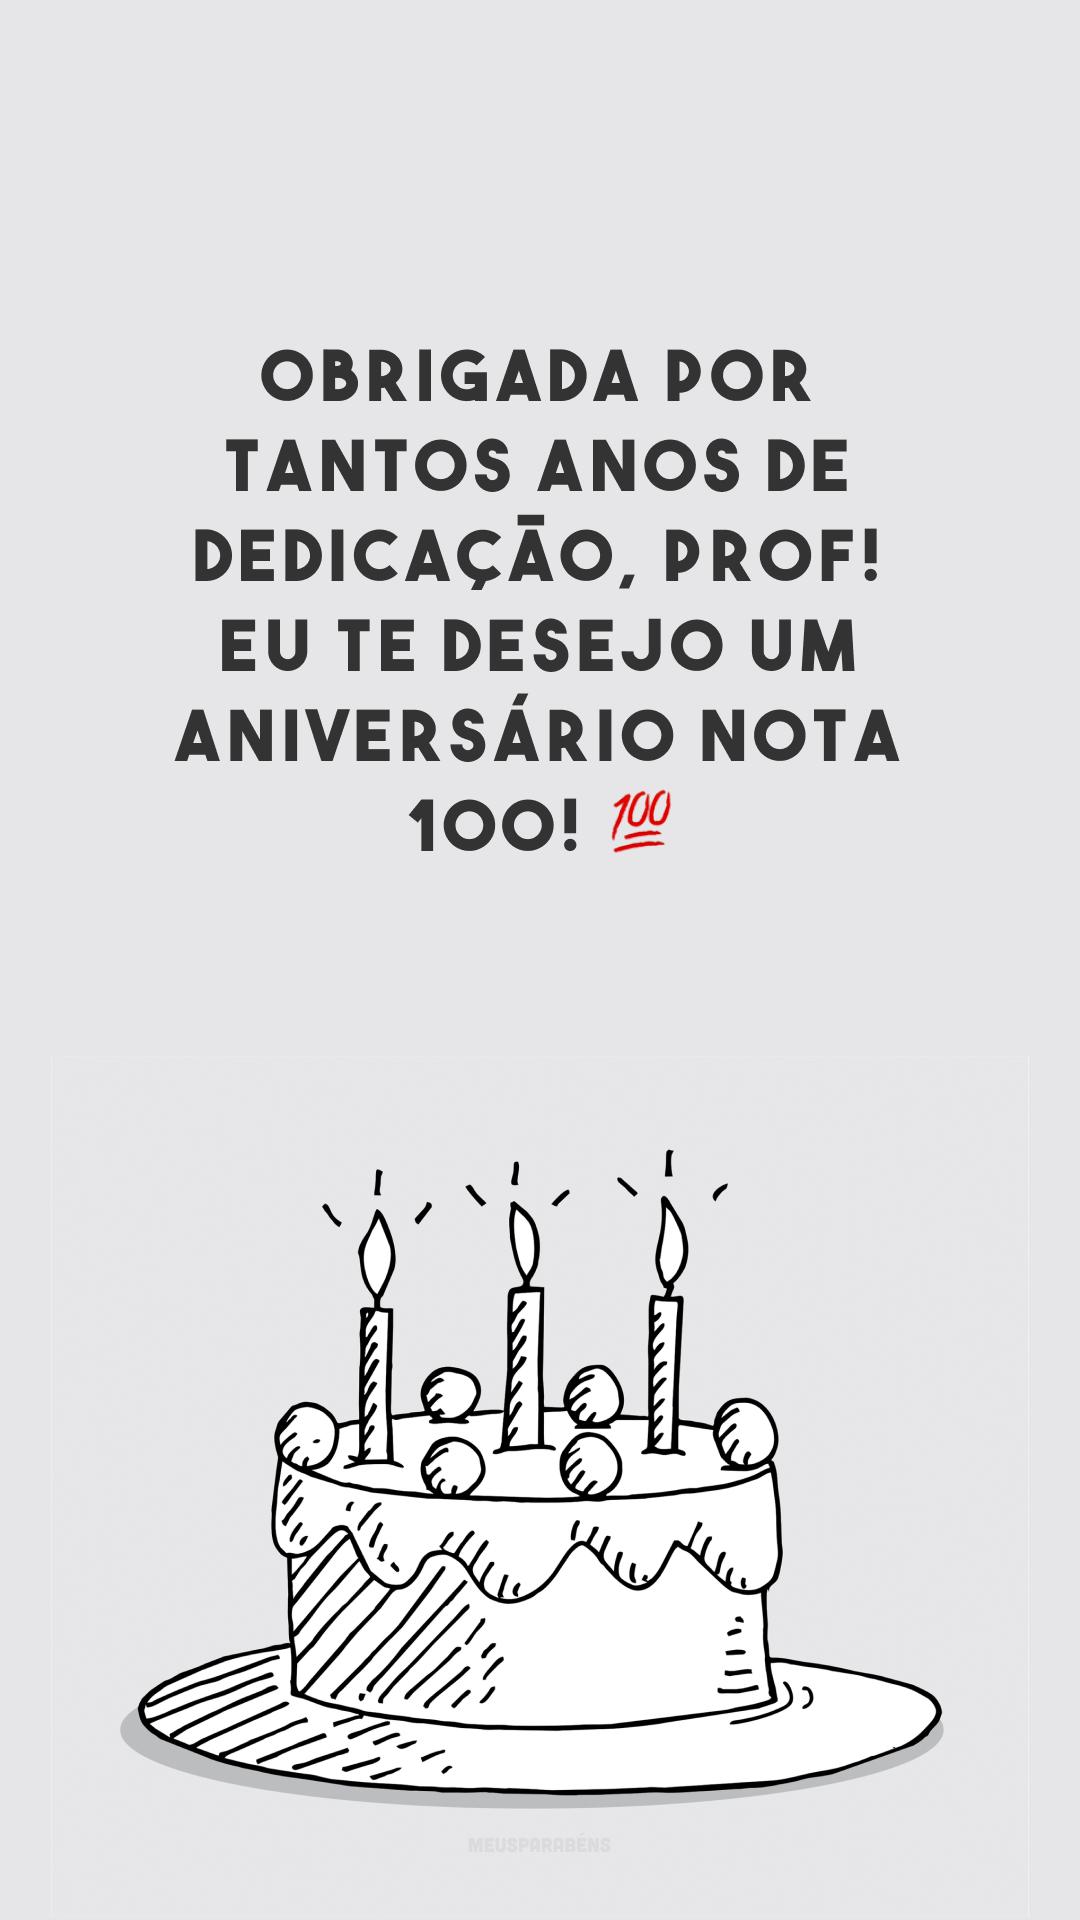 Obrigada por tantos anos de dedicação, prof! Eu te desejo um aniversário nota 100! 💯